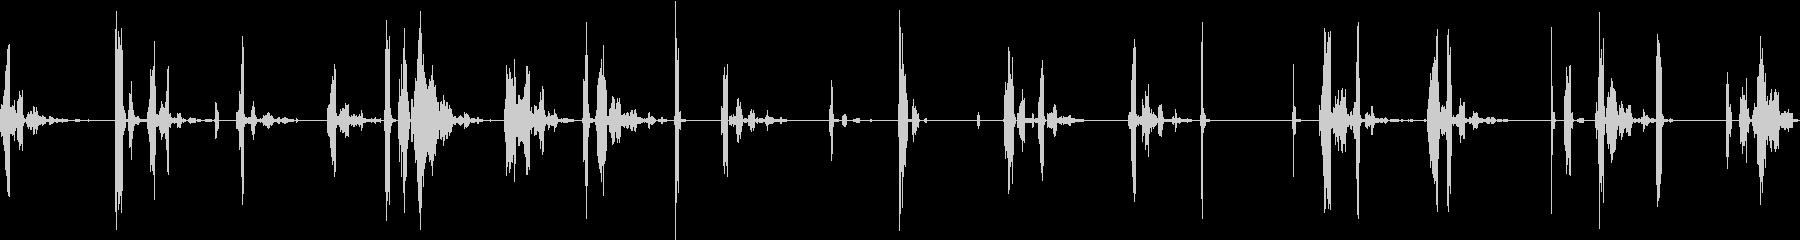 エイリアン送信:ヘビーリーブローク...の未再生の波形